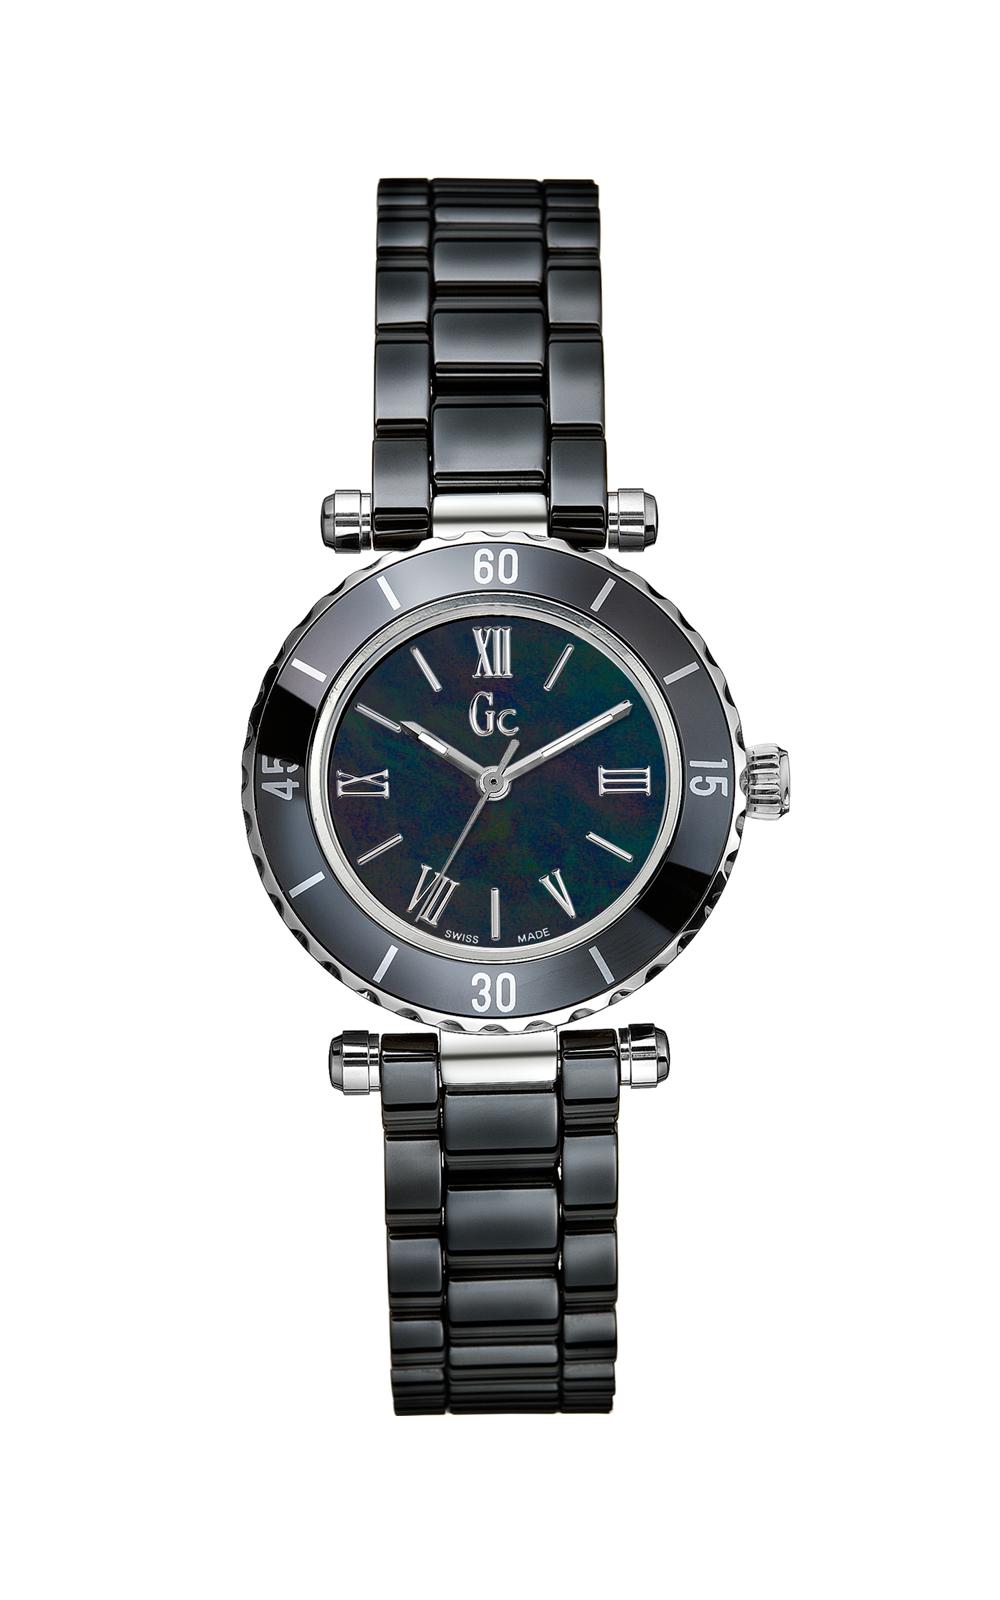 Gc X70012L2S - женские наручные часы из коллекции Sport ChicGc<br><br><br>Бренд: Gc<br>Модель: Gc X70012L2S<br>Артикул: X70012L2S<br>Вариант артикула: None<br>Коллекция: Sport Chic<br>Подколлекция: None<br>Страна: Швейцария<br>Пол: женские<br>Тип механизма: кварцевые<br>Механизм: None<br>Количество камней: None<br>Автоподзавод: None<br>Источник энергии: от батарейки<br>Срок службы элемента питания: None<br>Дисплей: стрелки<br>Цифры: римские<br>Водозащита: WR 100<br>Противоударные: None<br>Материал корпуса: нерж. сталь + керамика<br>Материал браслета: керамика<br>Материал безеля: None<br>Стекло: сапфировое<br>Антибликовое покрытие: None<br>Цвет корпуса: None<br>Цвет браслета: None<br>Цвет циферблата: None<br>Цвет безеля: None<br>Размеры: 28 мм<br>Диаметр: None<br>Диаметр корпуса: None<br>Толщина: None<br>Ширина ремешка: None<br>Вес: None<br>Спорт-функции: None<br>Подсветка: стрелок<br>Вставка: None<br>Отображение даты: None<br>Хронограф: None<br>Таймер: None<br>Термометр: None<br>Хронометр: None<br>GPS: None<br>Радиосинхронизация: None<br>Барометр: None<br>Скелетон: None<br>Дополнительная информация: None<br>Дополнительные функции: None